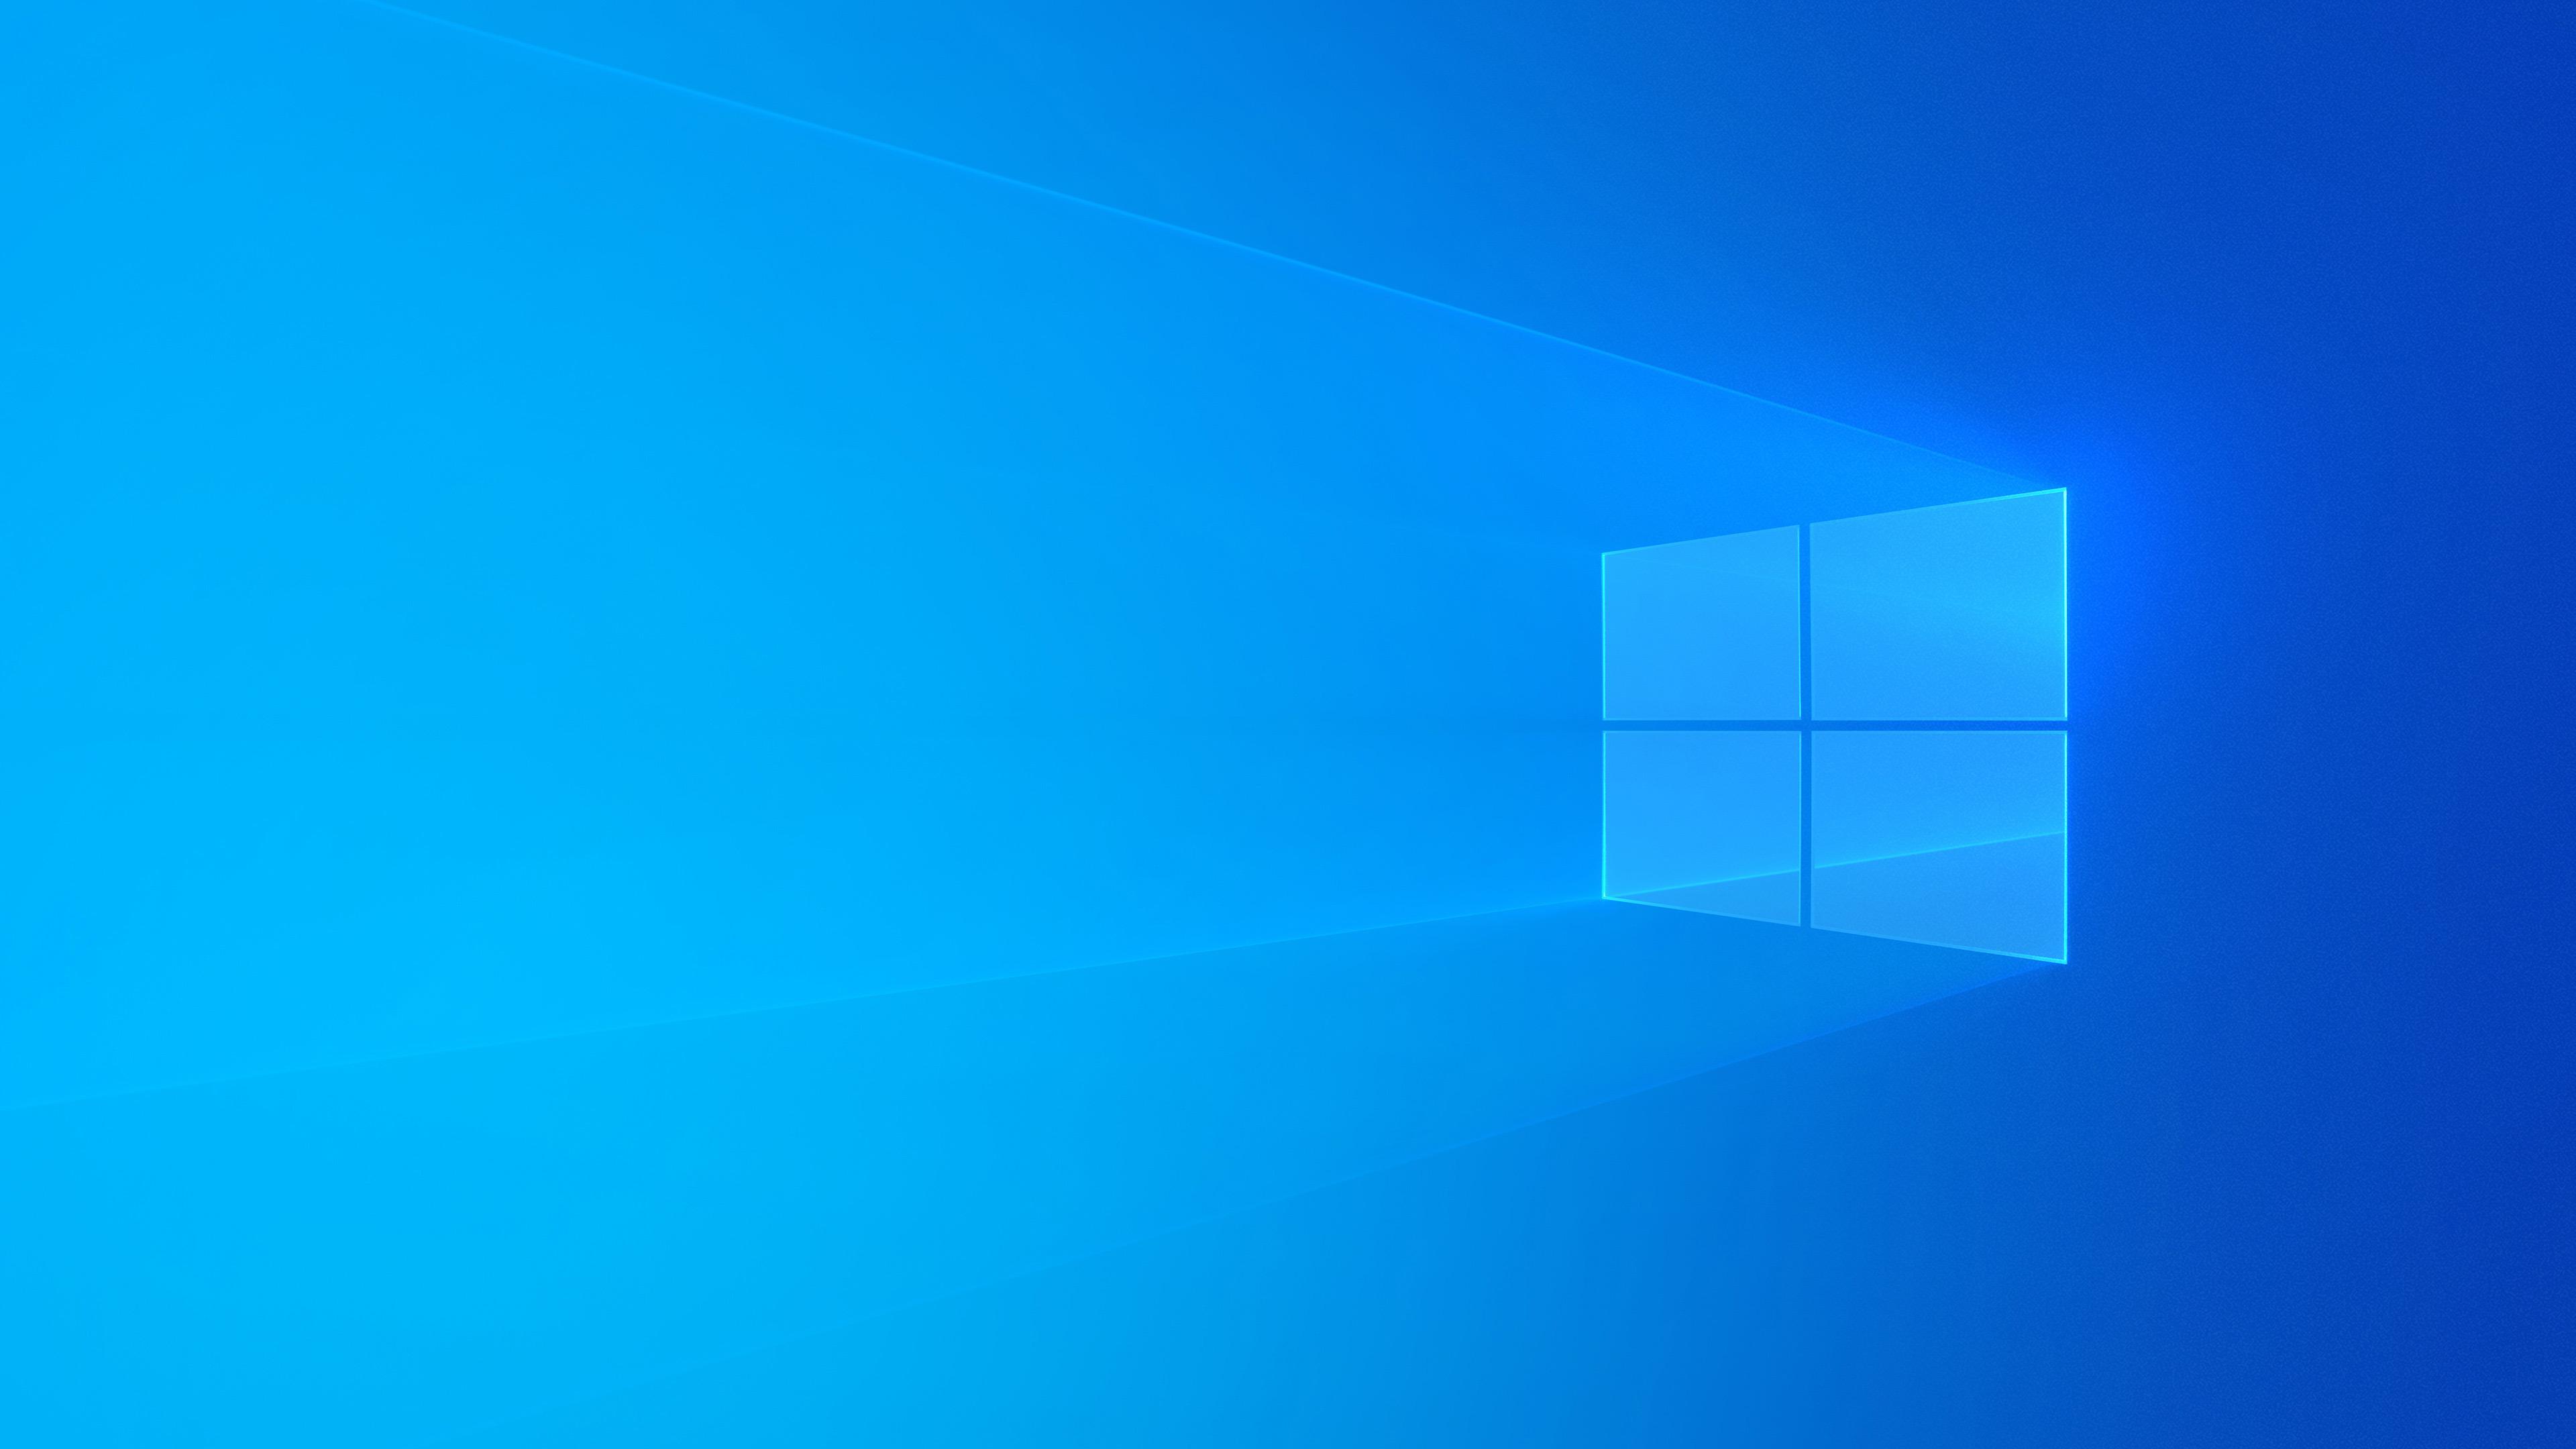 Windows10の窓をイメージした標準壁紙 Cgではなく実写だった 今なお